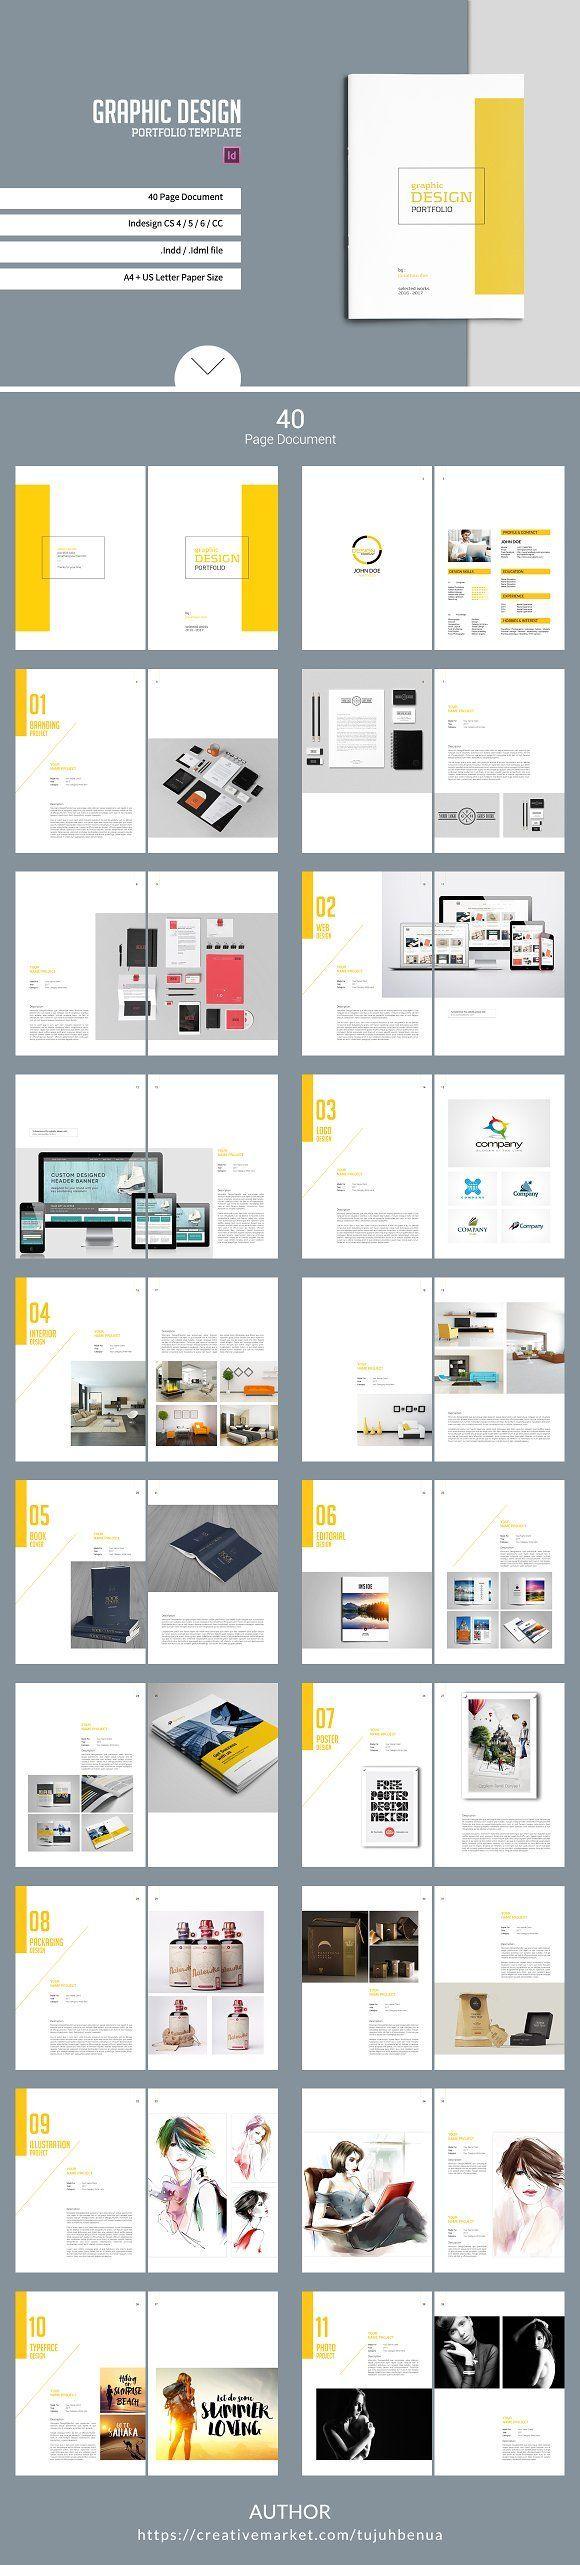 Graphic Design Portfolio Template  @creativework247